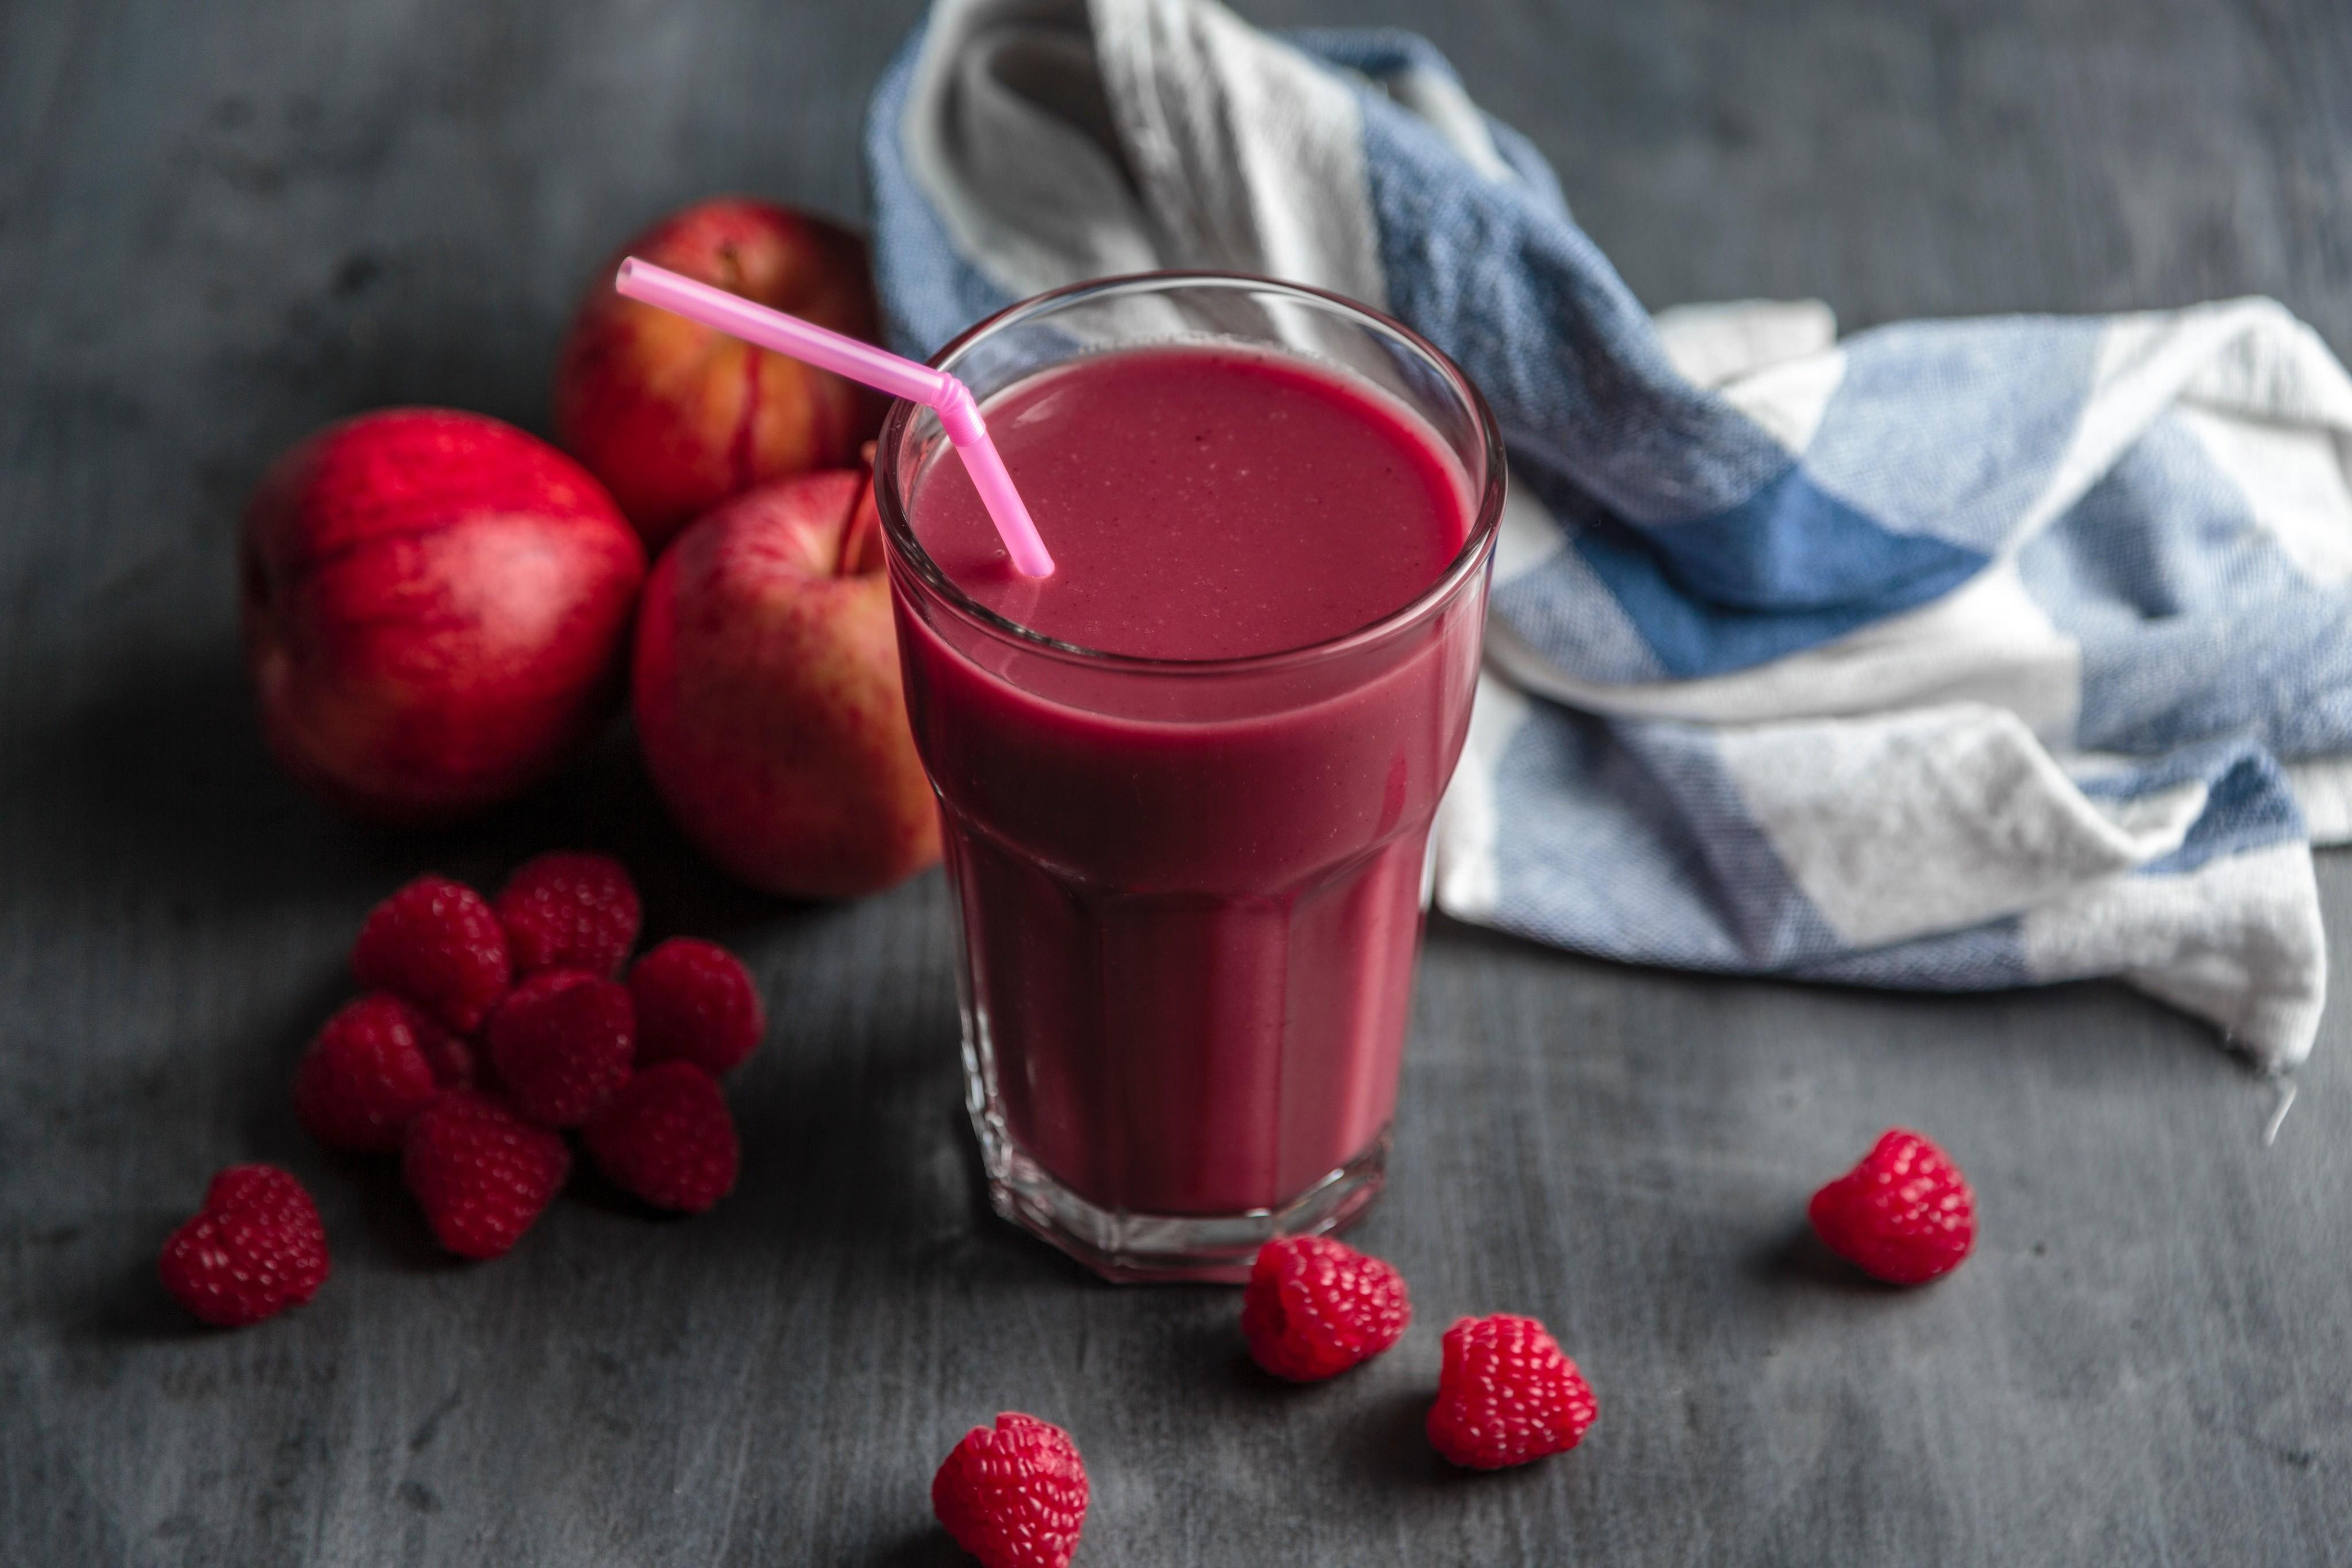 Шок: замороженные овощи полезнее свежих, а фреш вреден для фигуры. 4 заблуждения о правильном питании